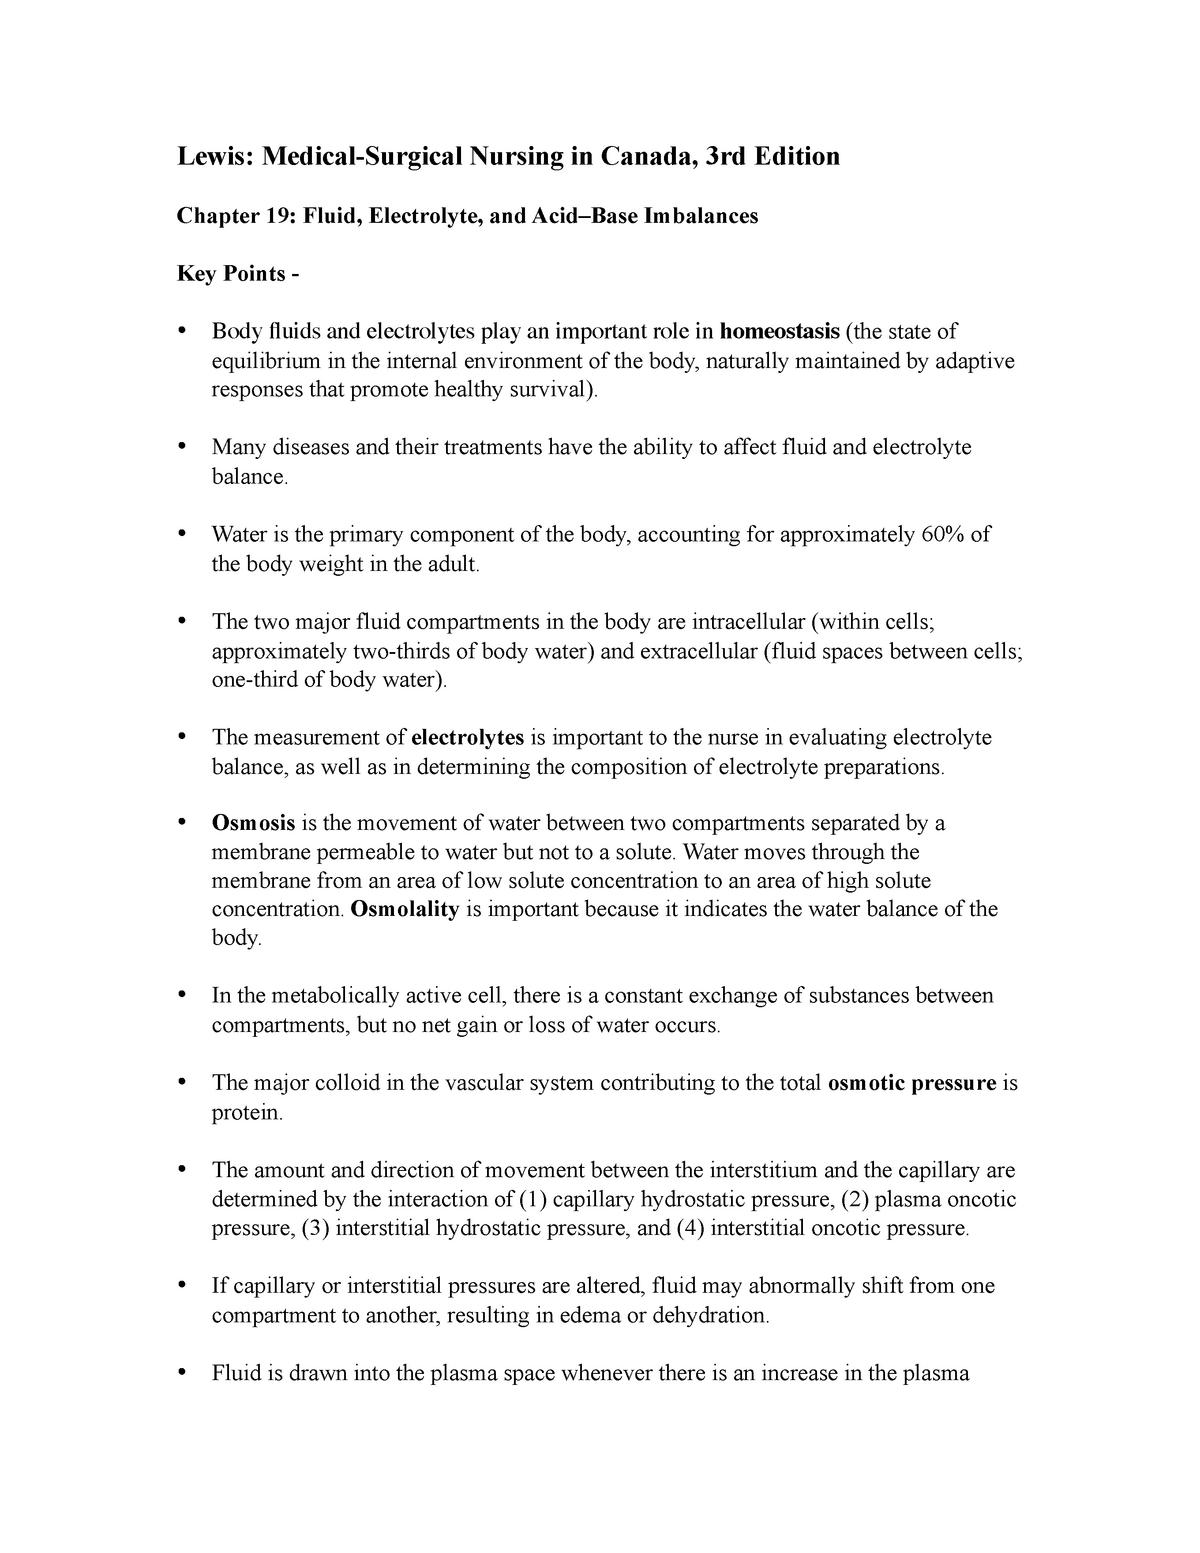 Fluid Electrolytes key points - Nursing Care/Episodic and